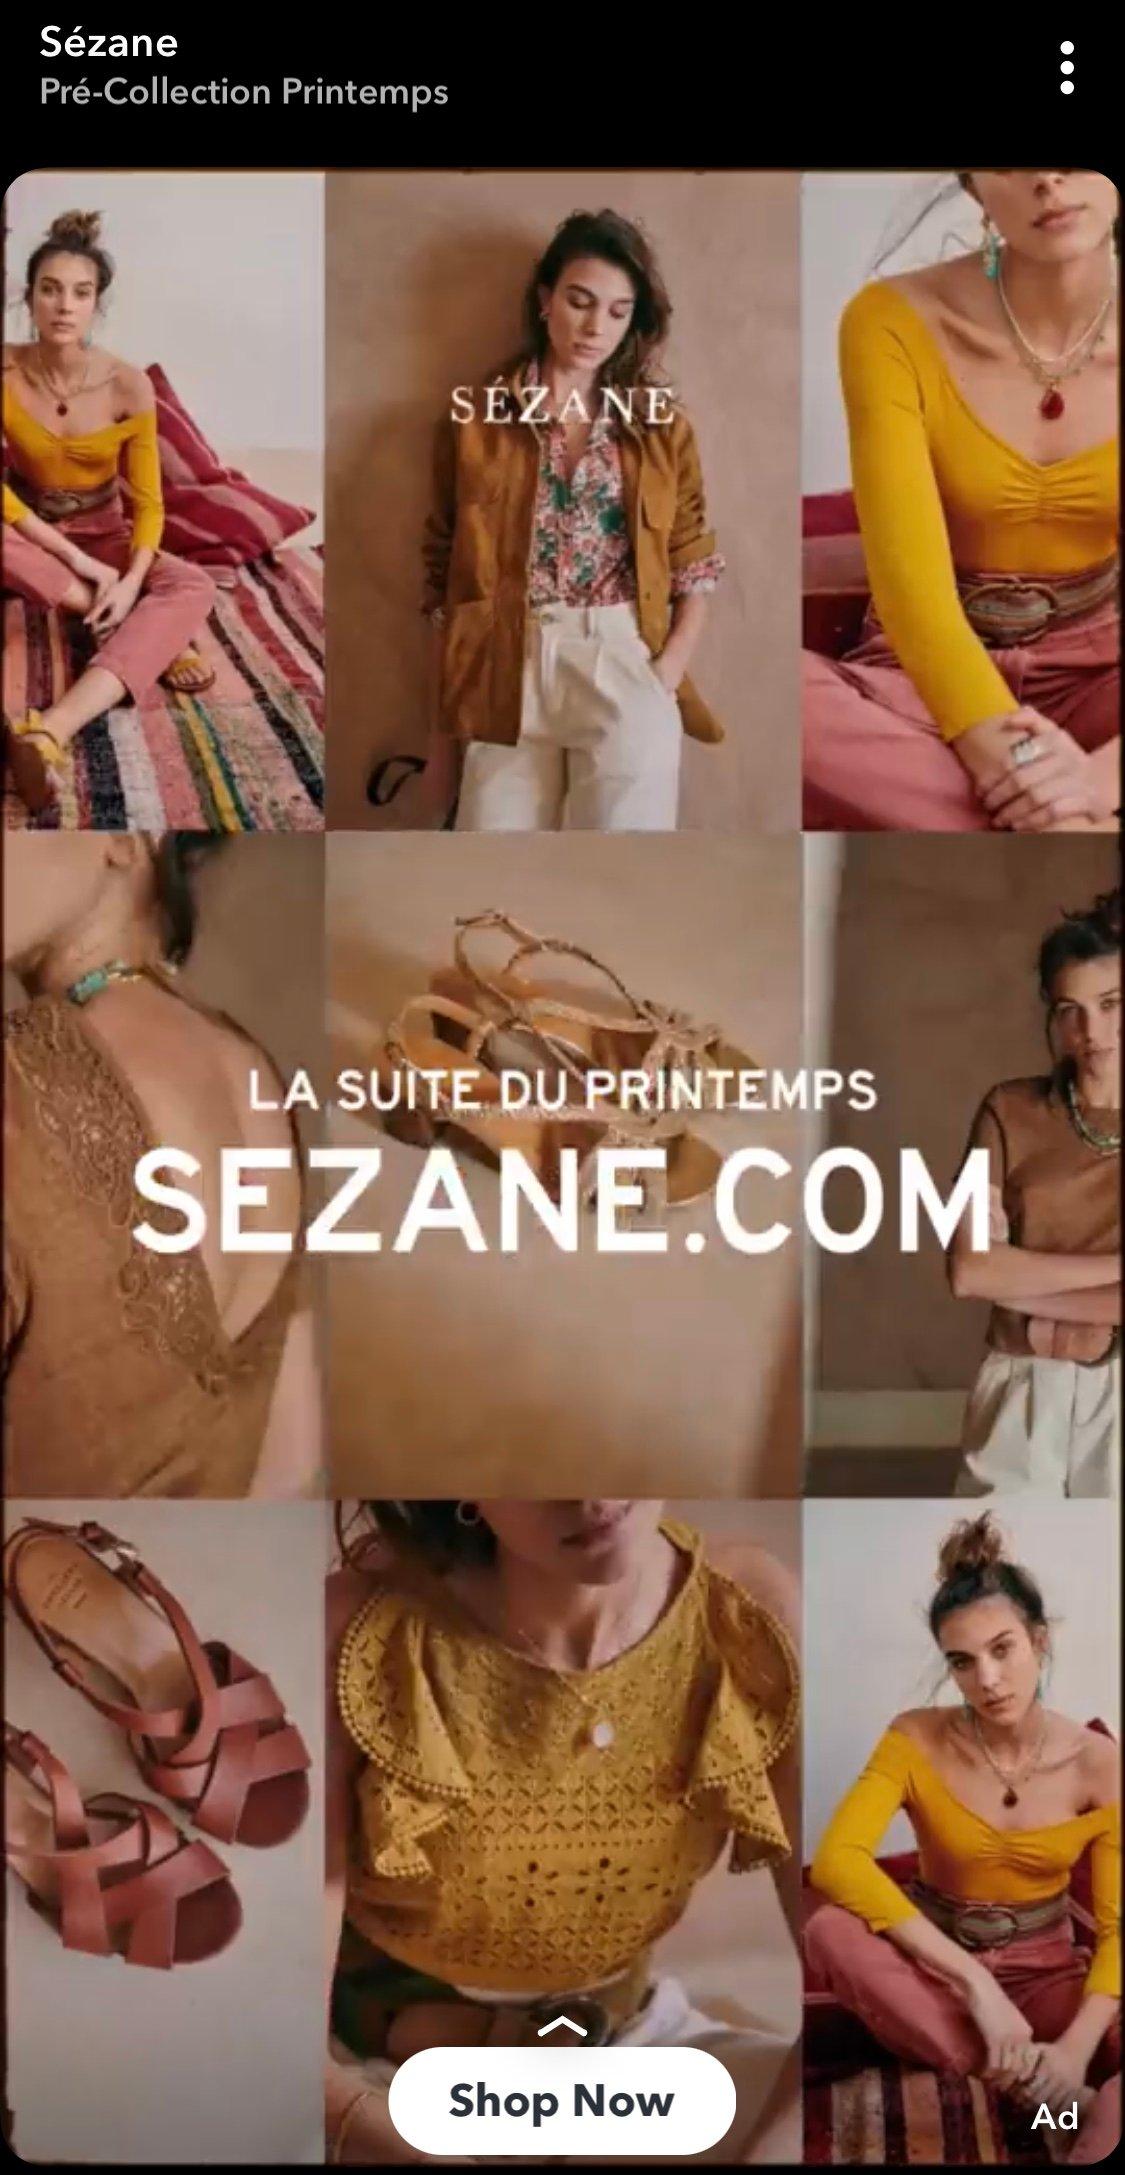 Publicité Sezanne sur Snapchat Exemple